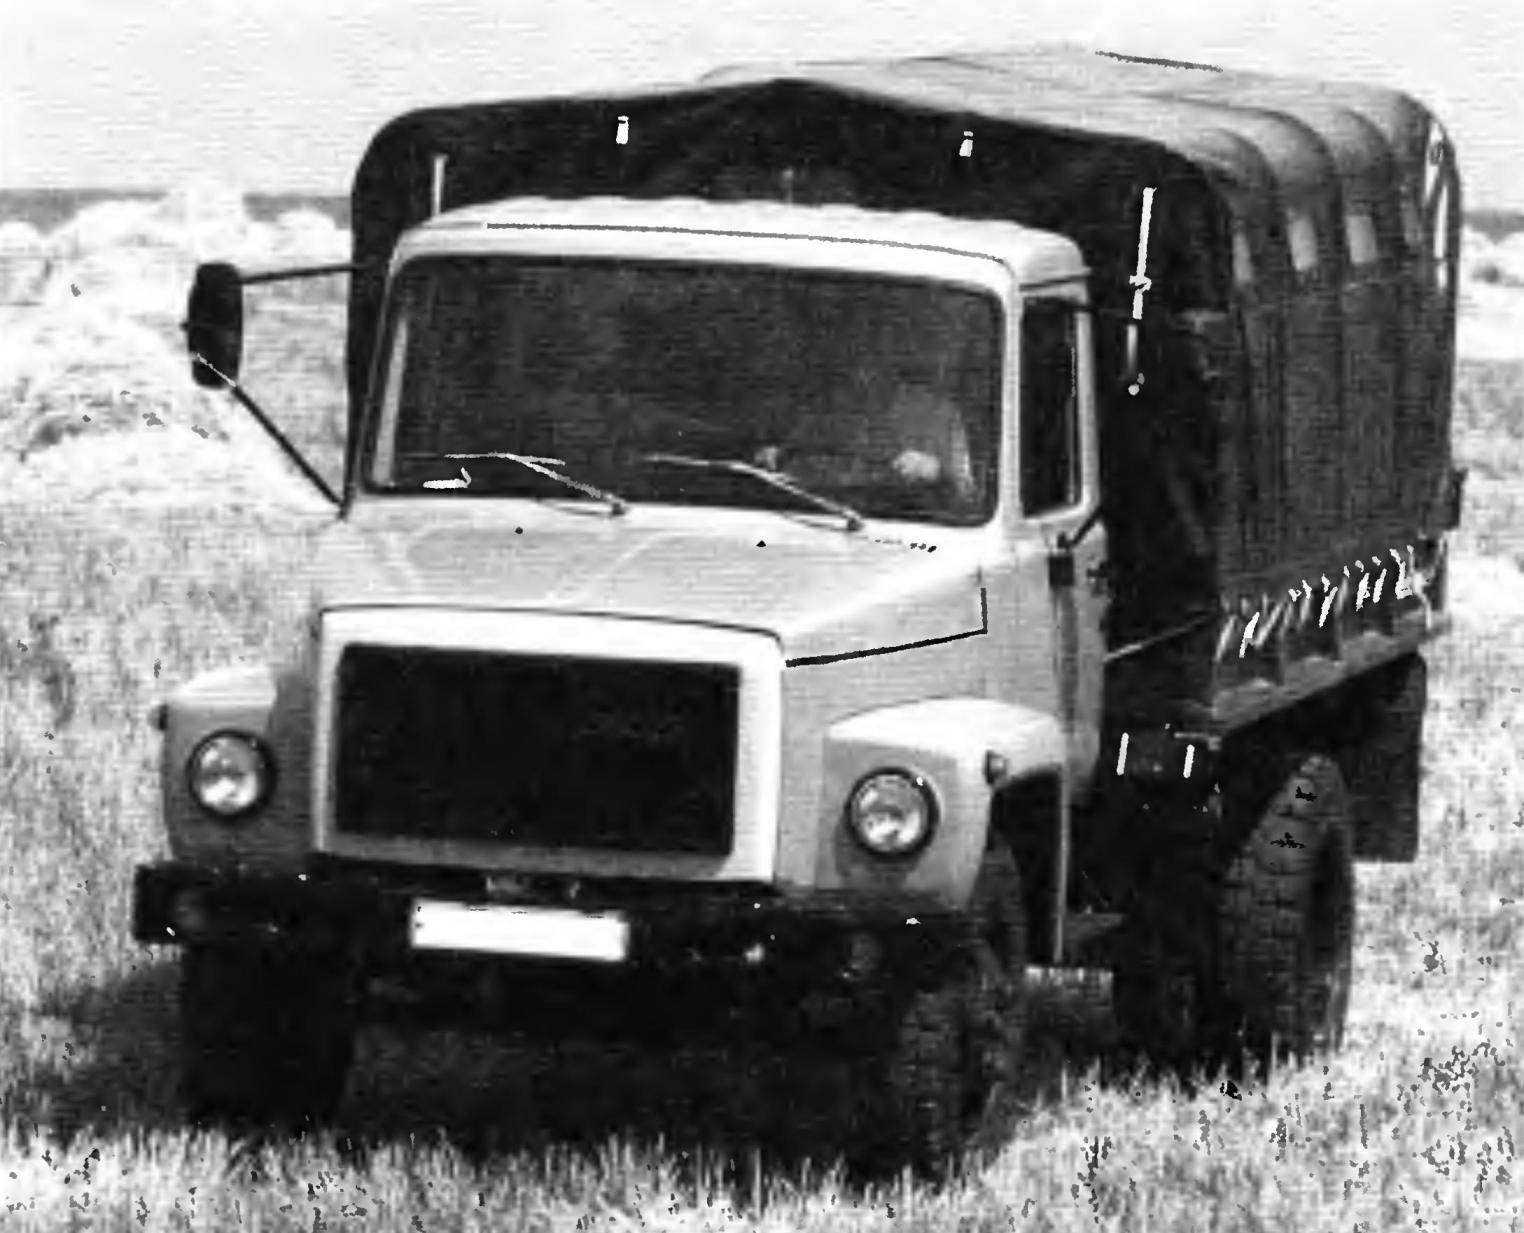 Грузовой автомобиль ГАЗ-3307 с металлической платформой и тентом